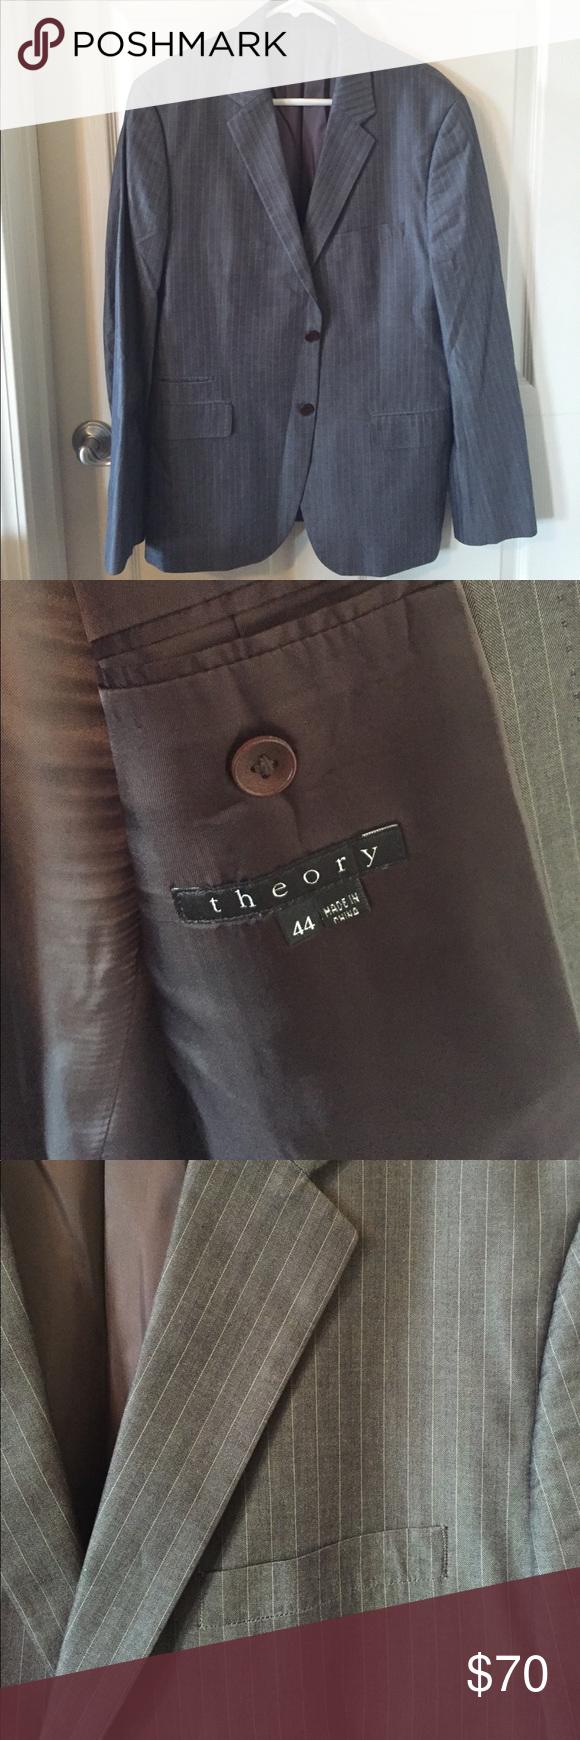 Theory Blazer Mens grey with small pinstriped Theory blazer. Size 44. Theory Suits & Blazers Sport Coats & Blazers